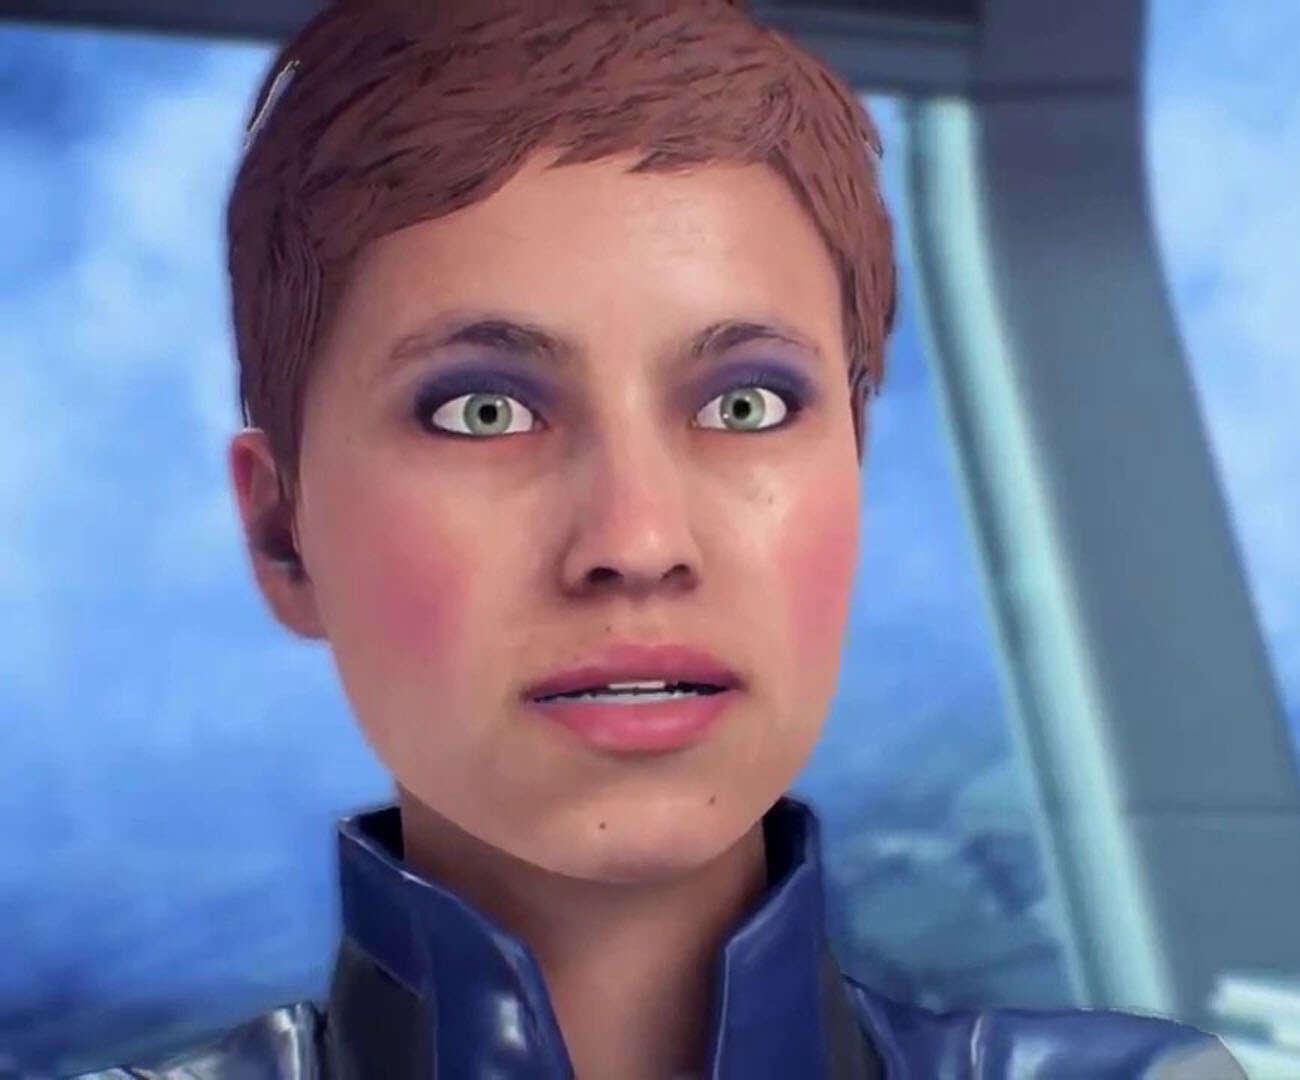 Chyba nie wierzyliście w premierę remasterów Mass Effect? Preordery padły